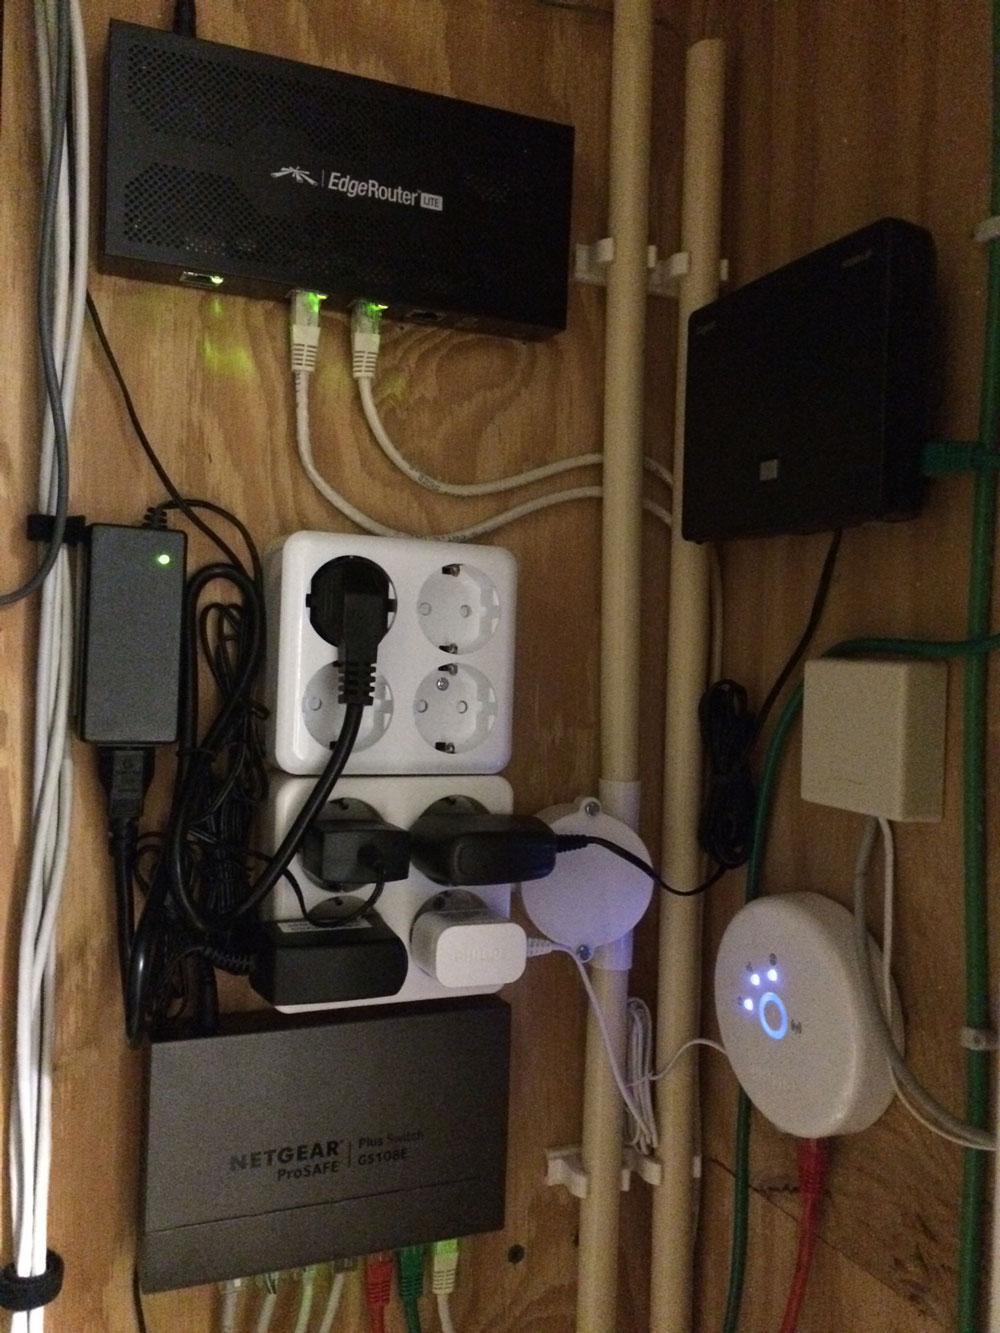 EdgeRouter Lite & Netgear switch